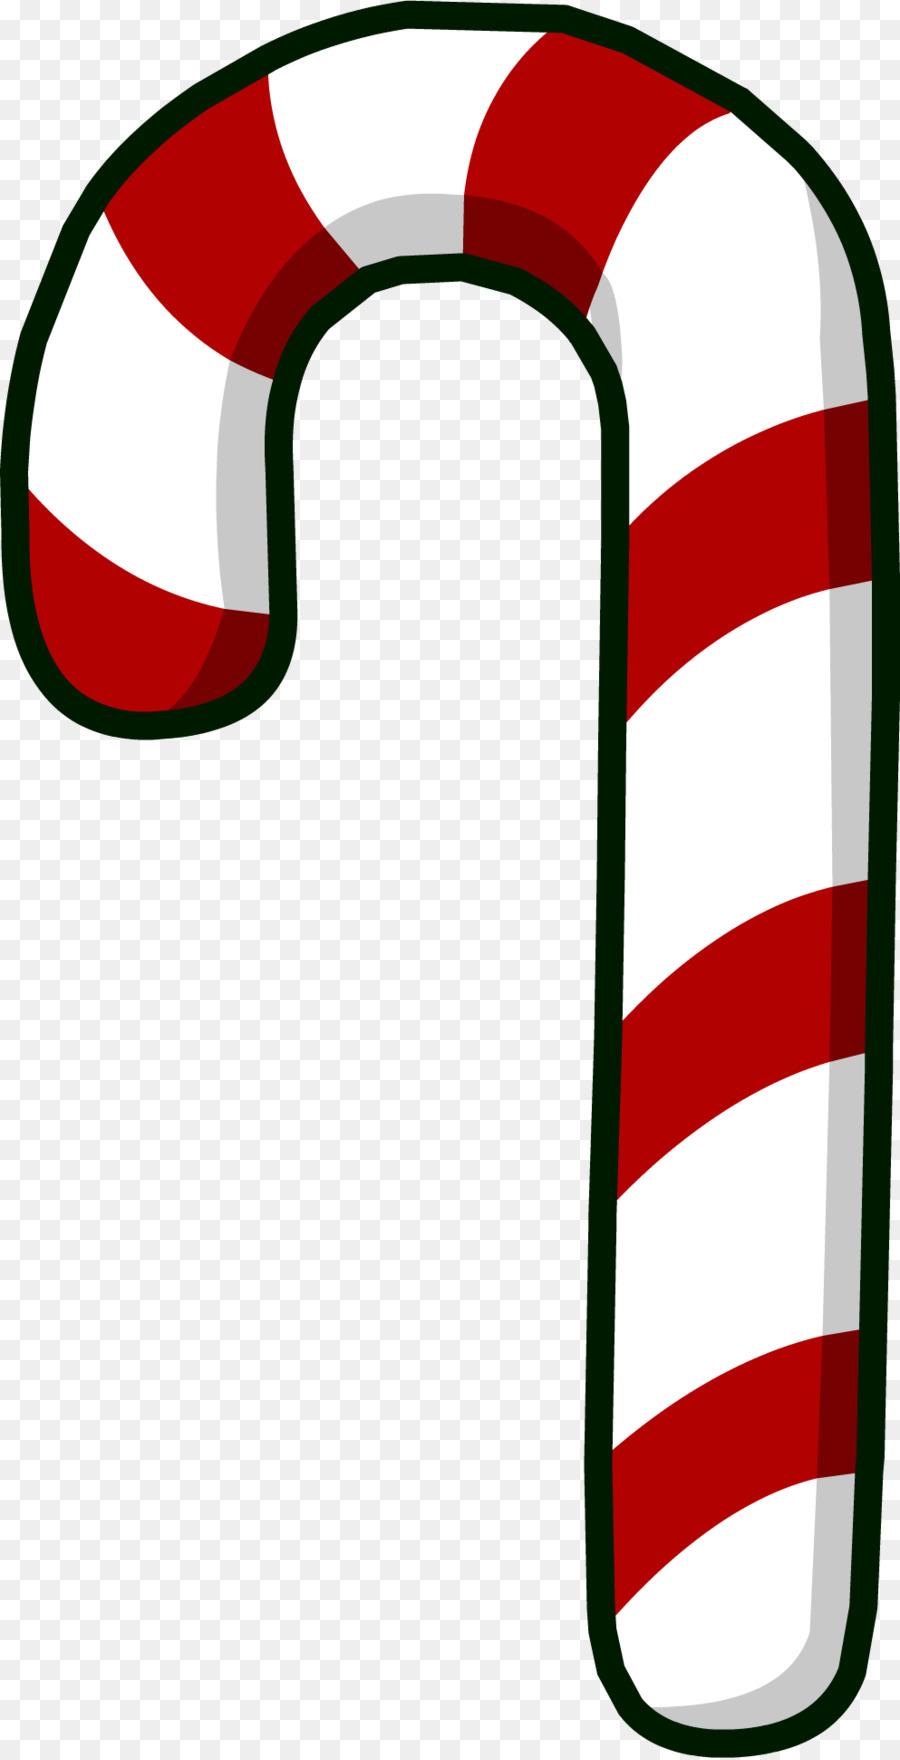 Descarga gratuita de Bastón De Caramelo, La Navidad, Candy imágenes PNG